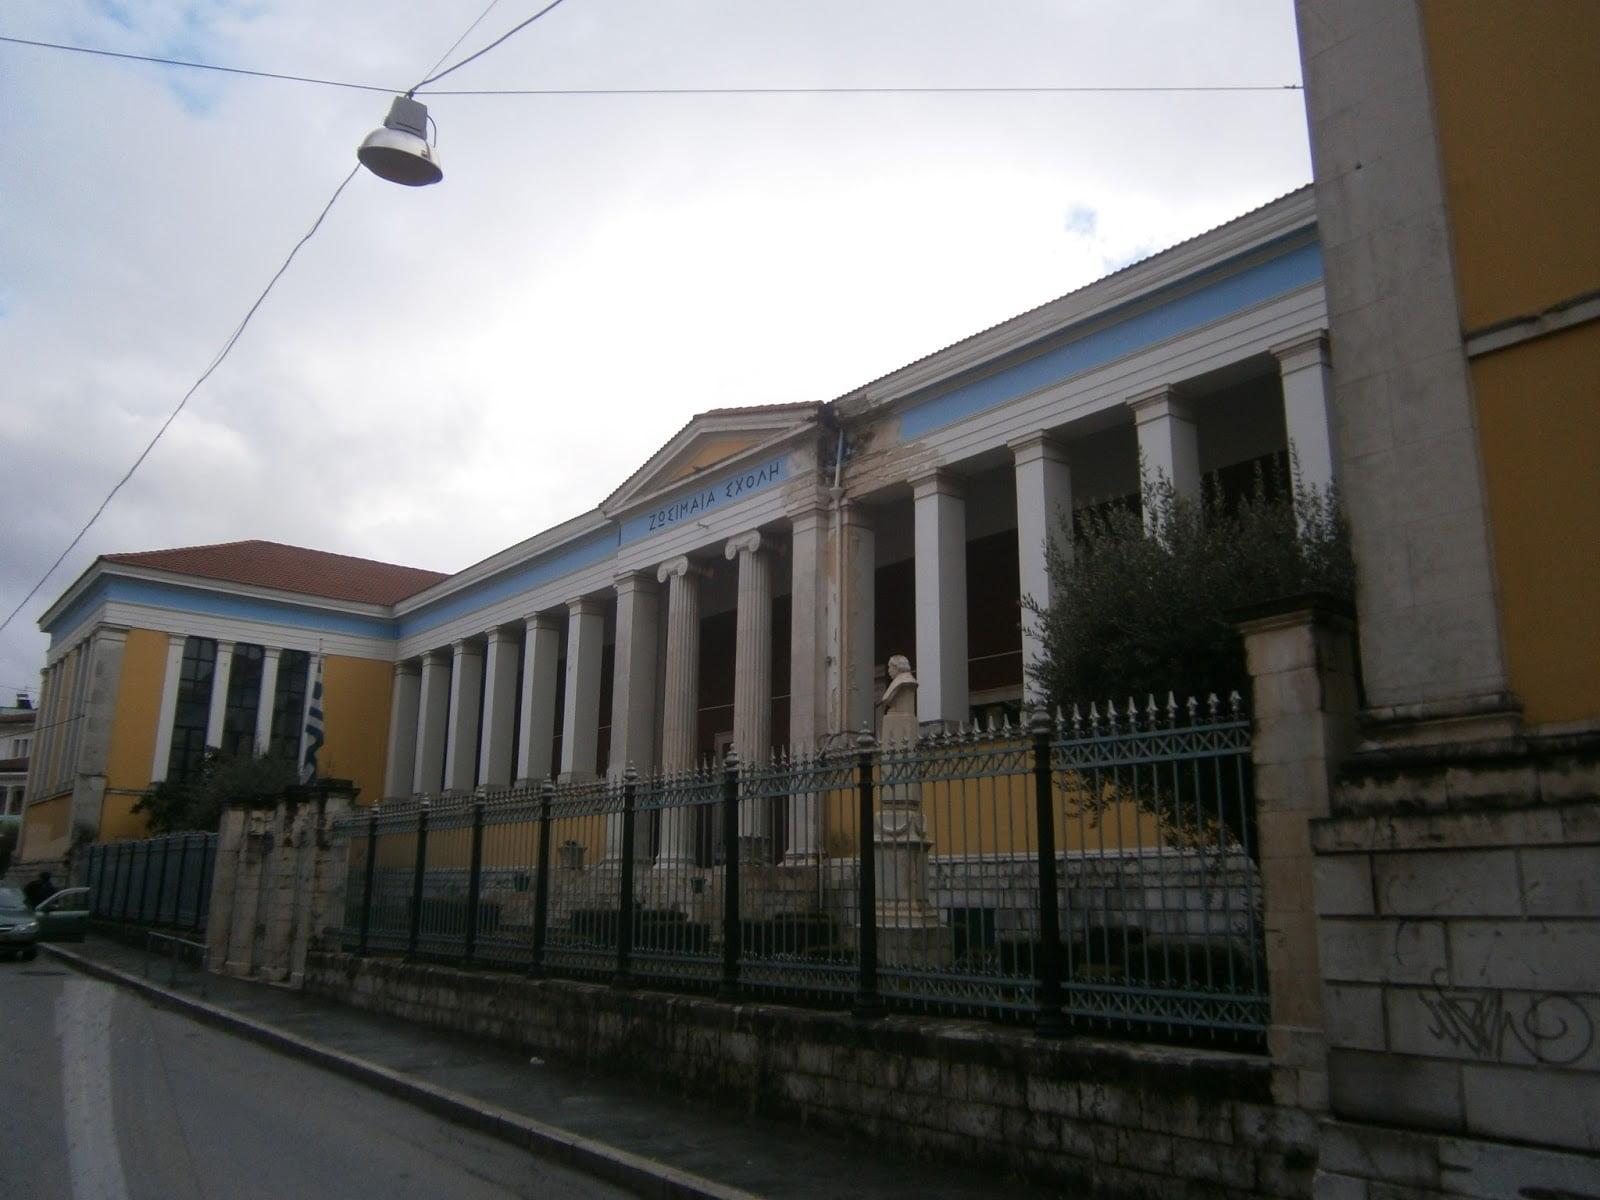 Τα Πρότυπα Σχολεία και οι «Ελίτ» του Ν. Φίλη…